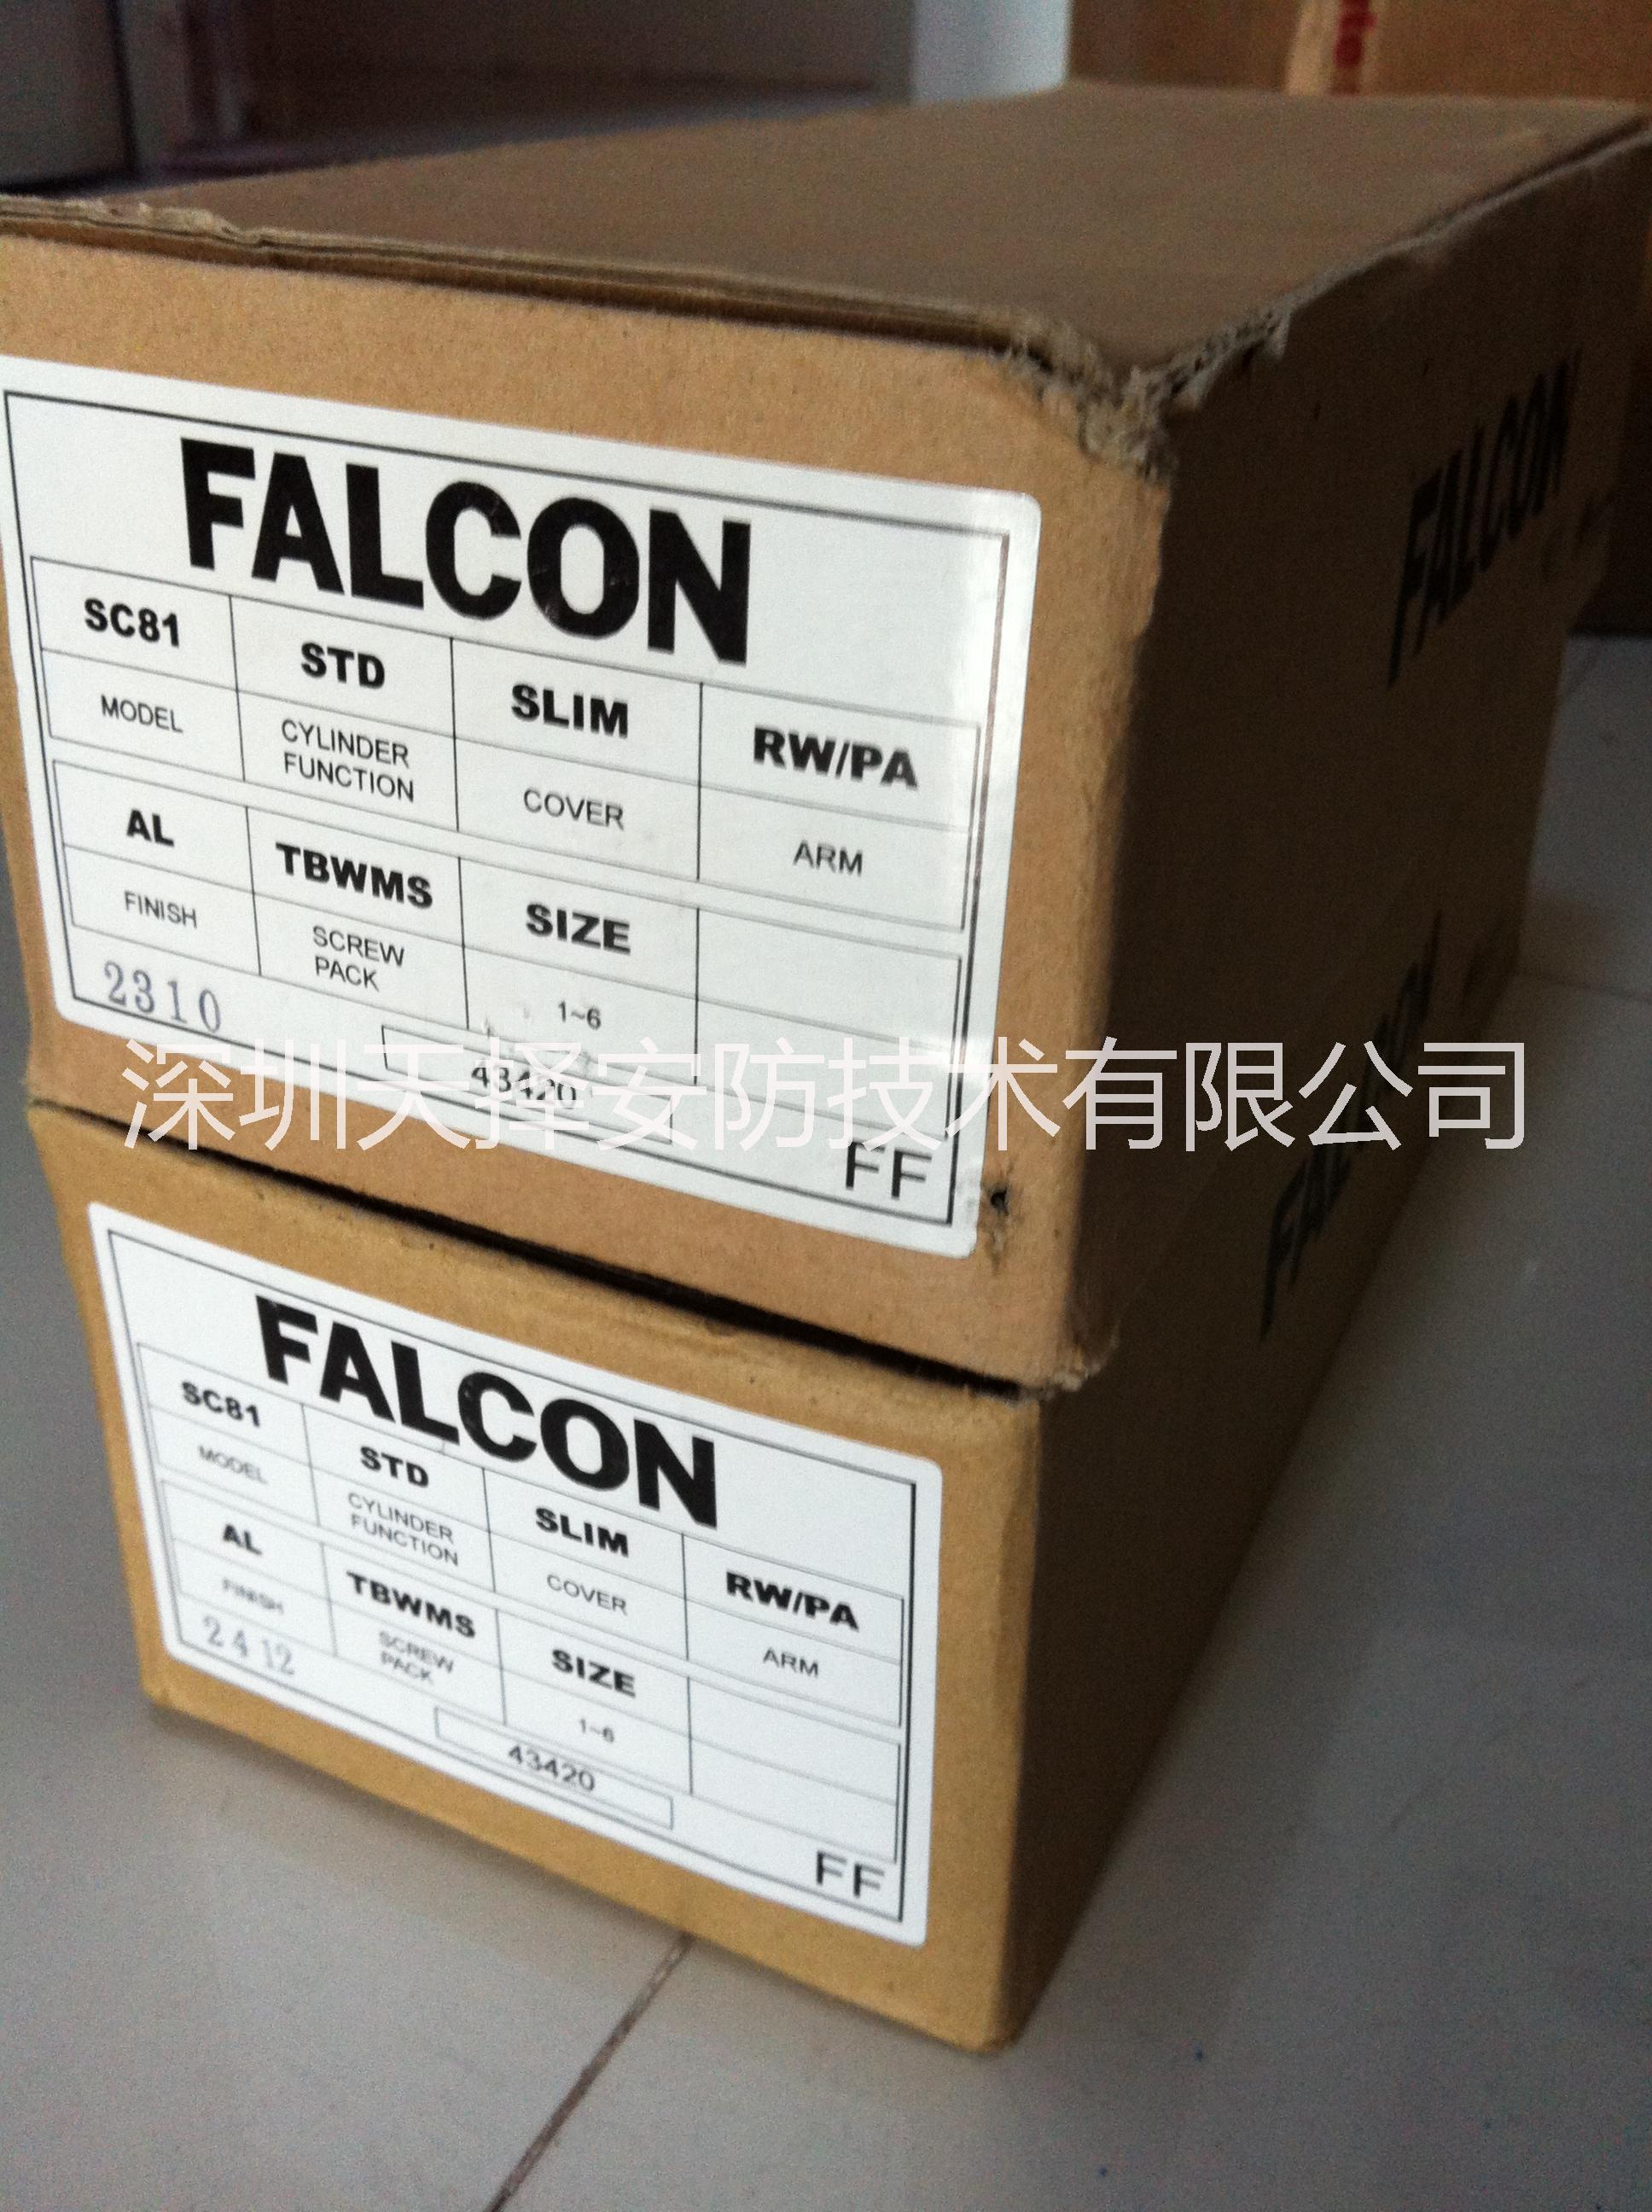 安朗杰FALCON R7483 615R闭门器经销商 进口闭门器